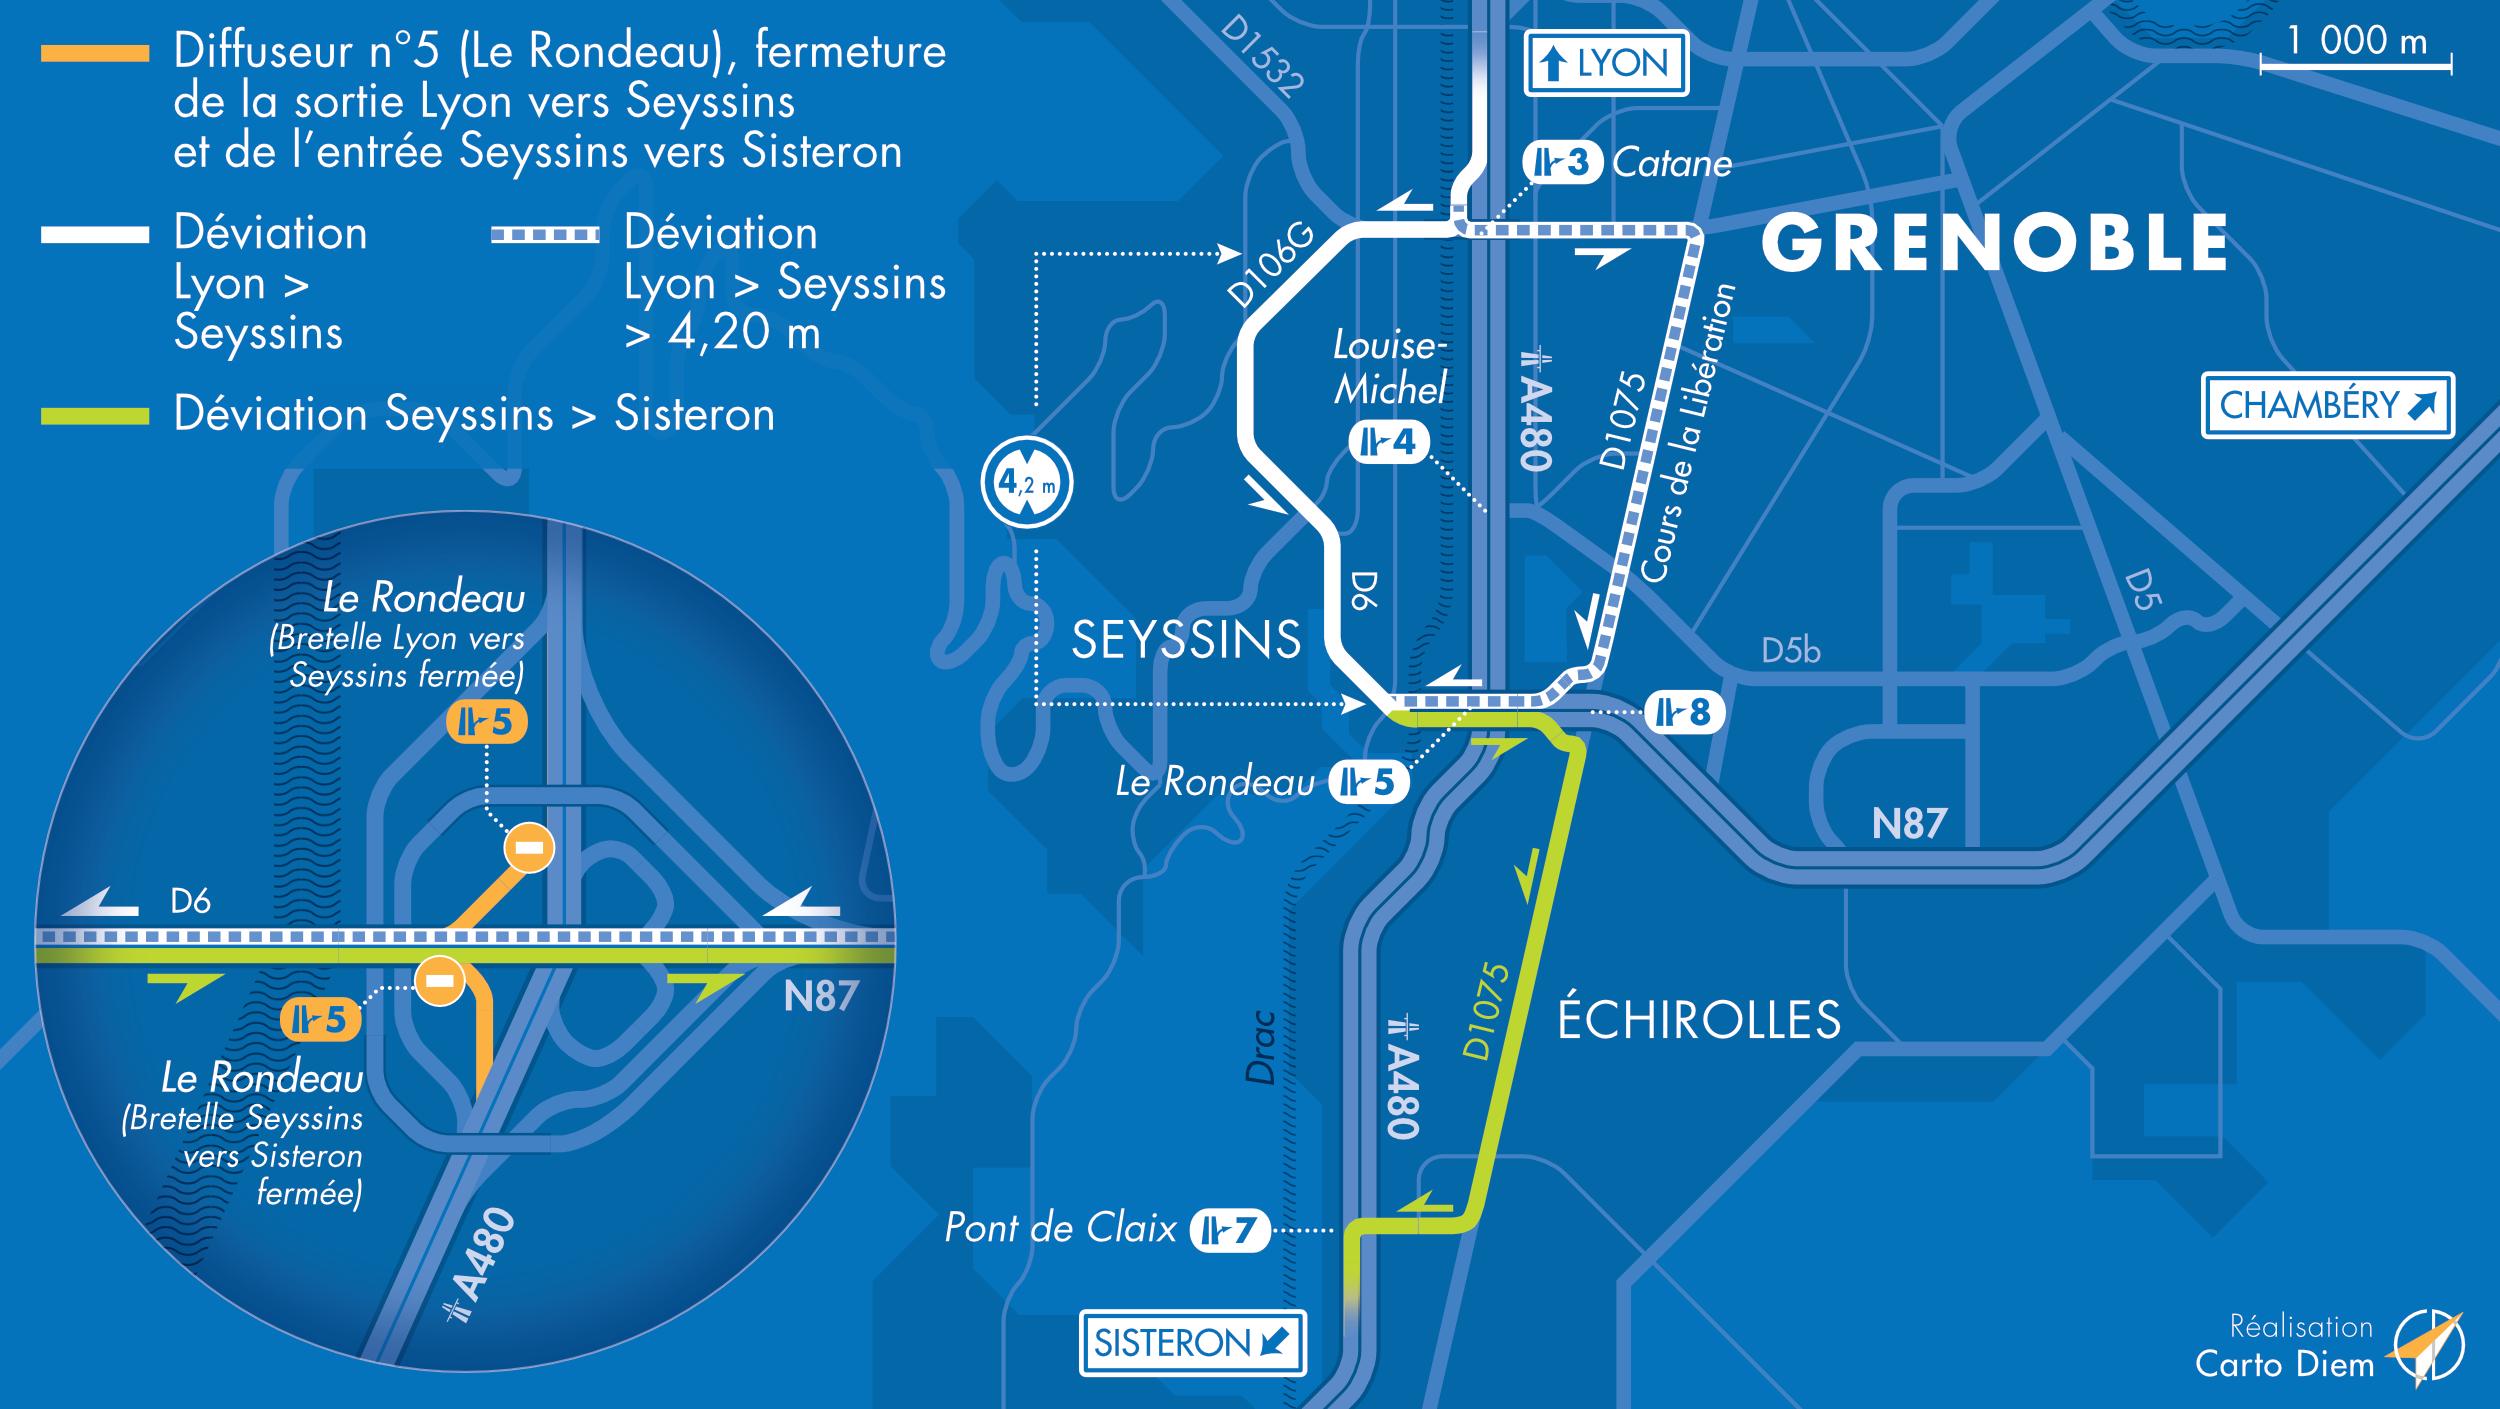 Carte de déviation suite à la fermeture de la bretelle d'entrée depuis D6 et la bretelle de sortie vers D6 dans le sens Lyon-Sisteron du diffuseur de Seyssins